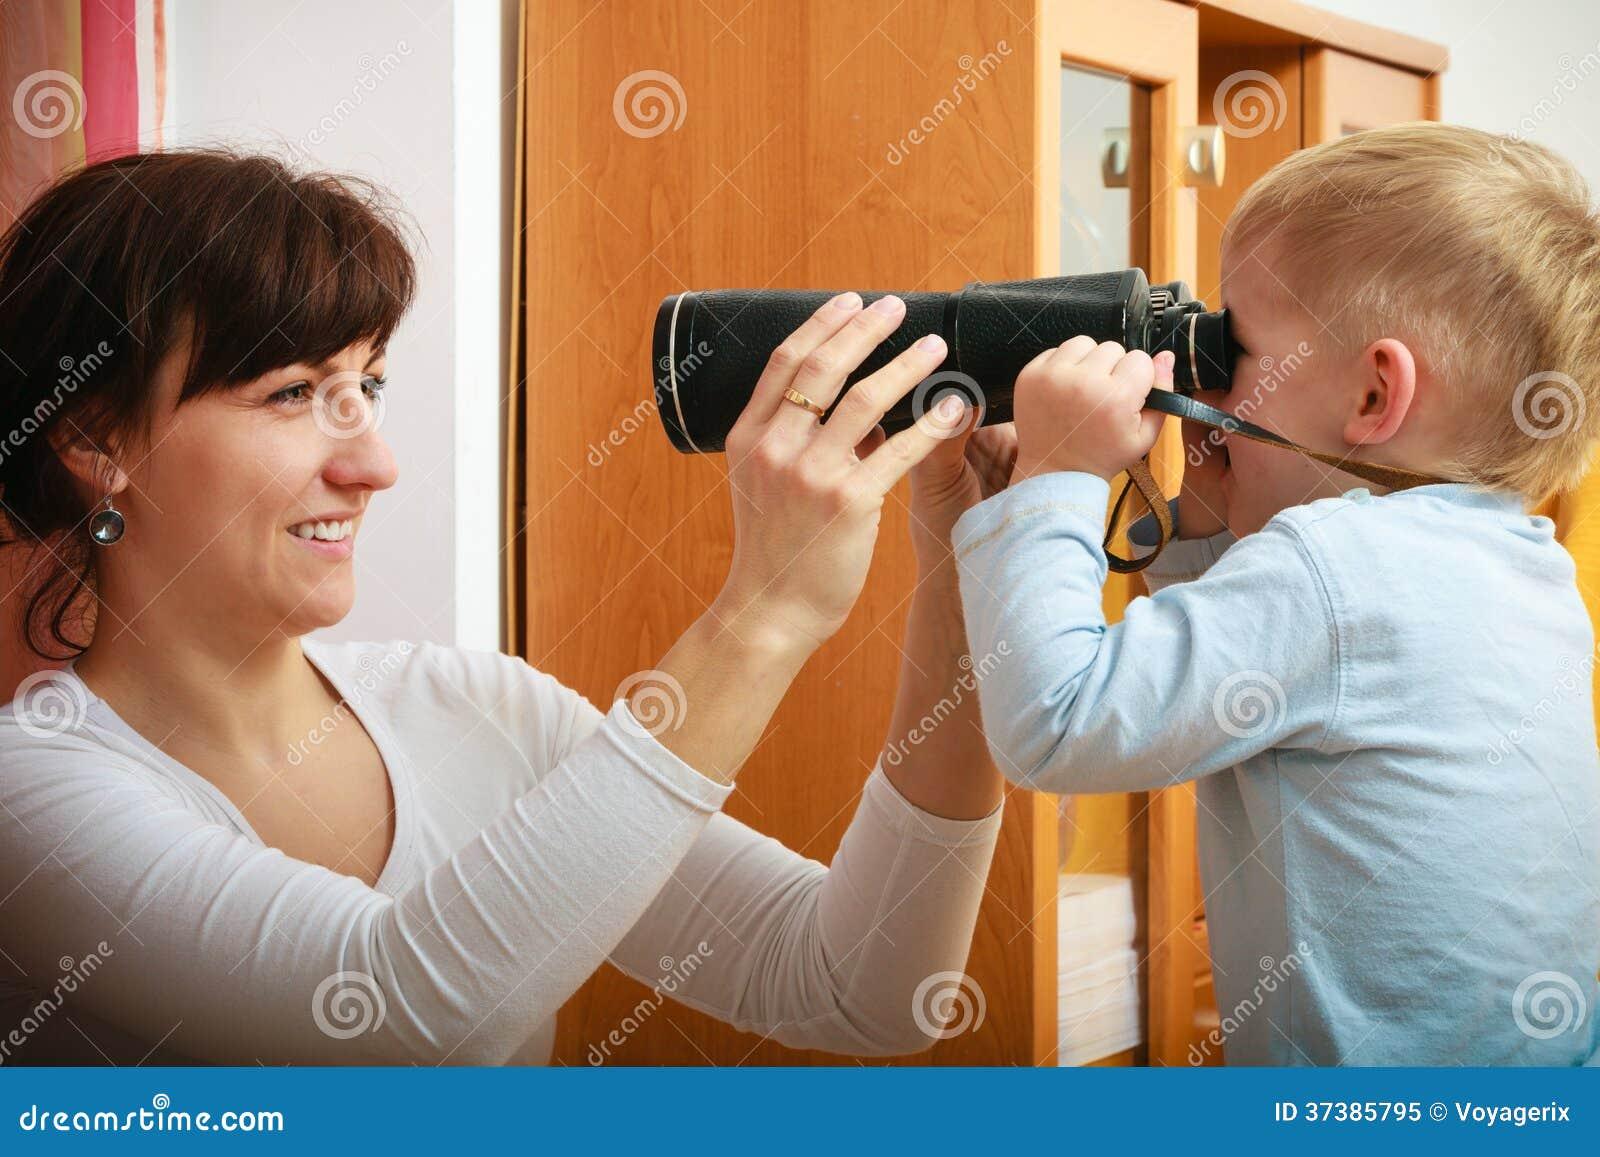 Chłopiec dziecka dzieciaka syn z kamerą bierze fotografii jego matka. W domu.